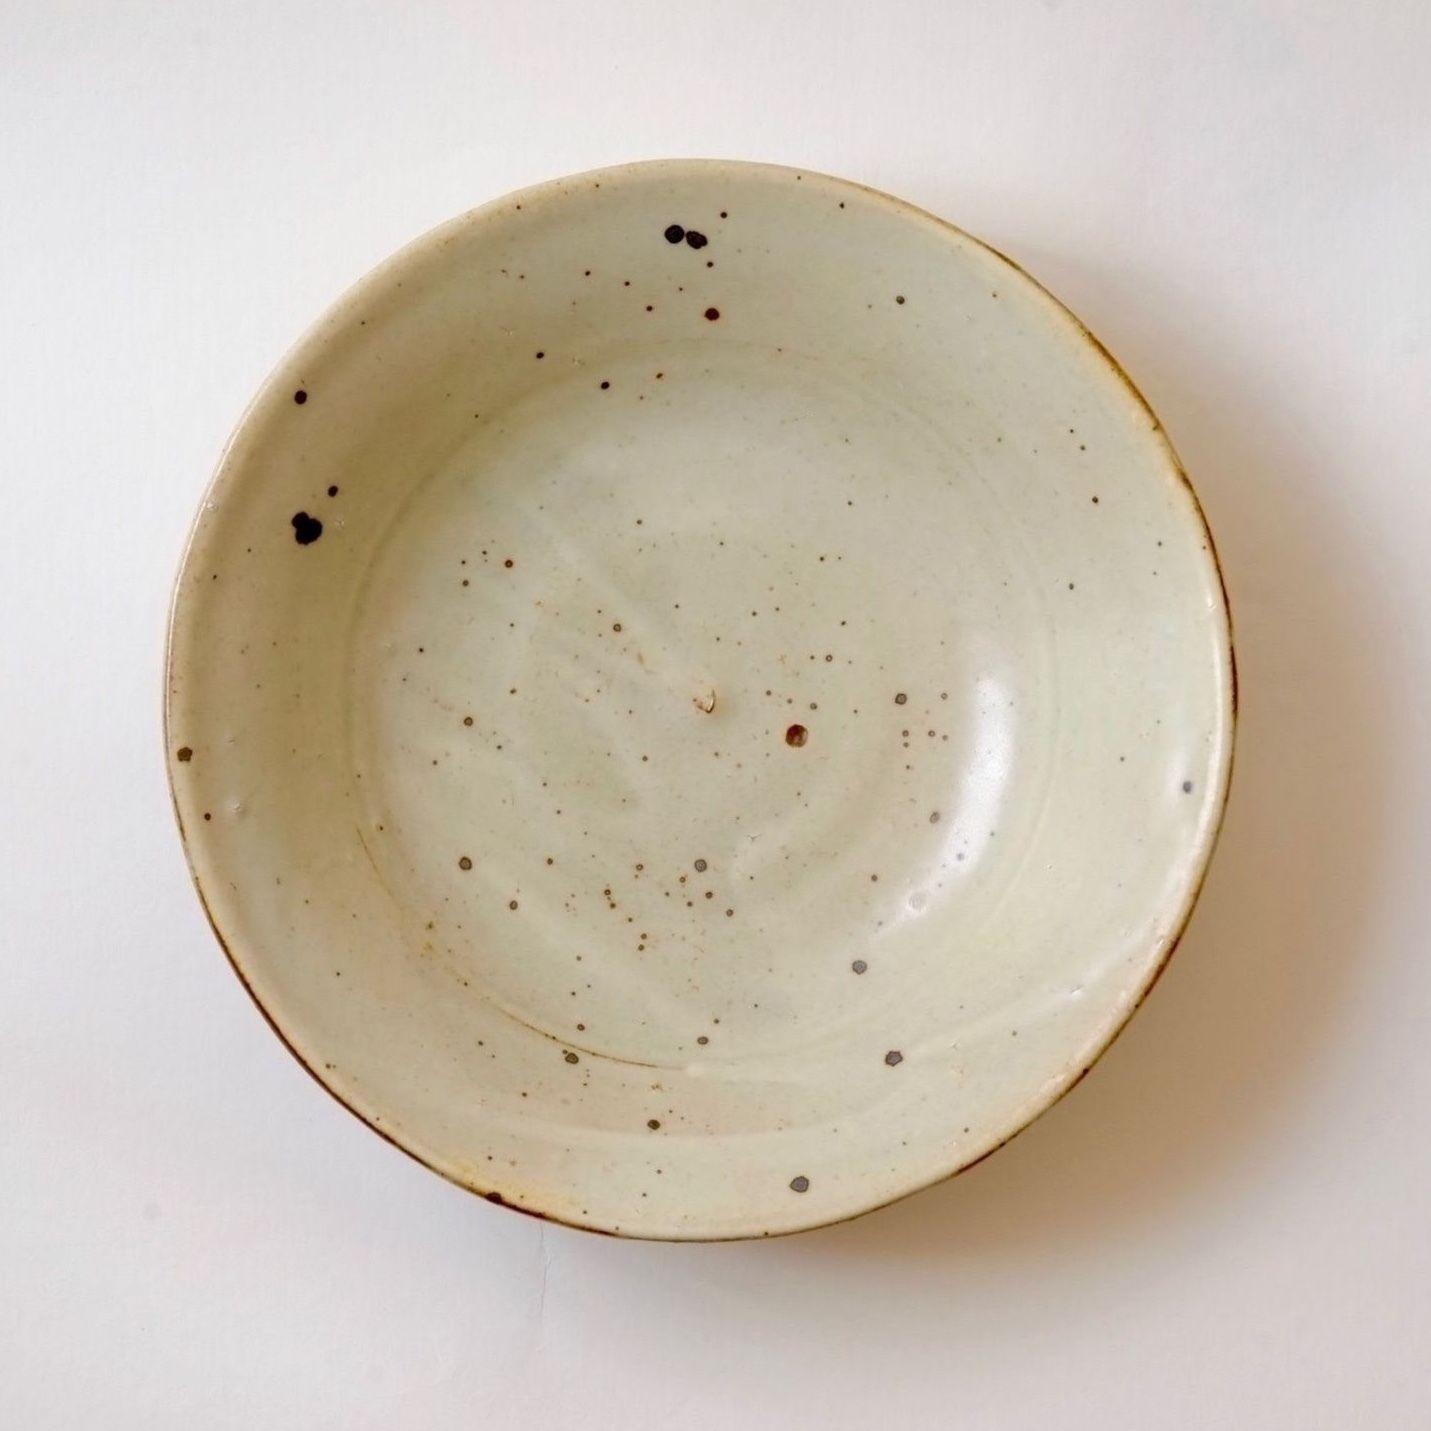 粉引マット調6寸皿